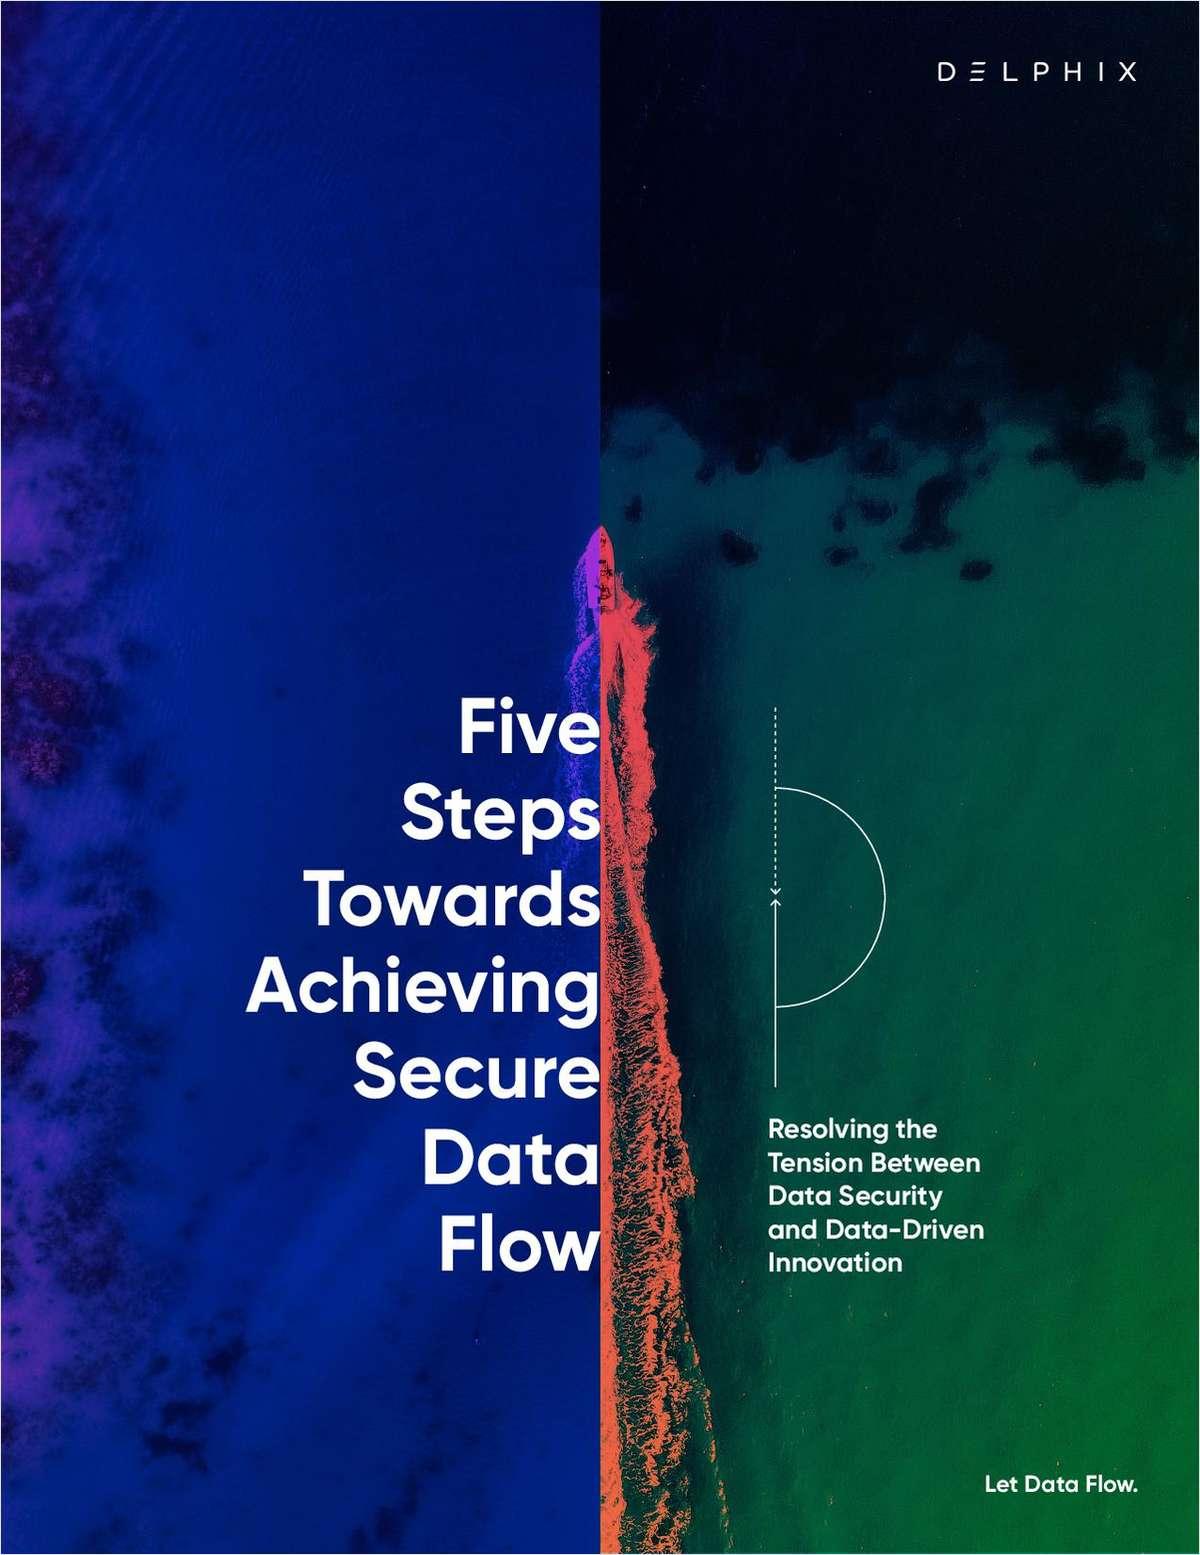 Five Steps Towards Achieving Secure Data Flow